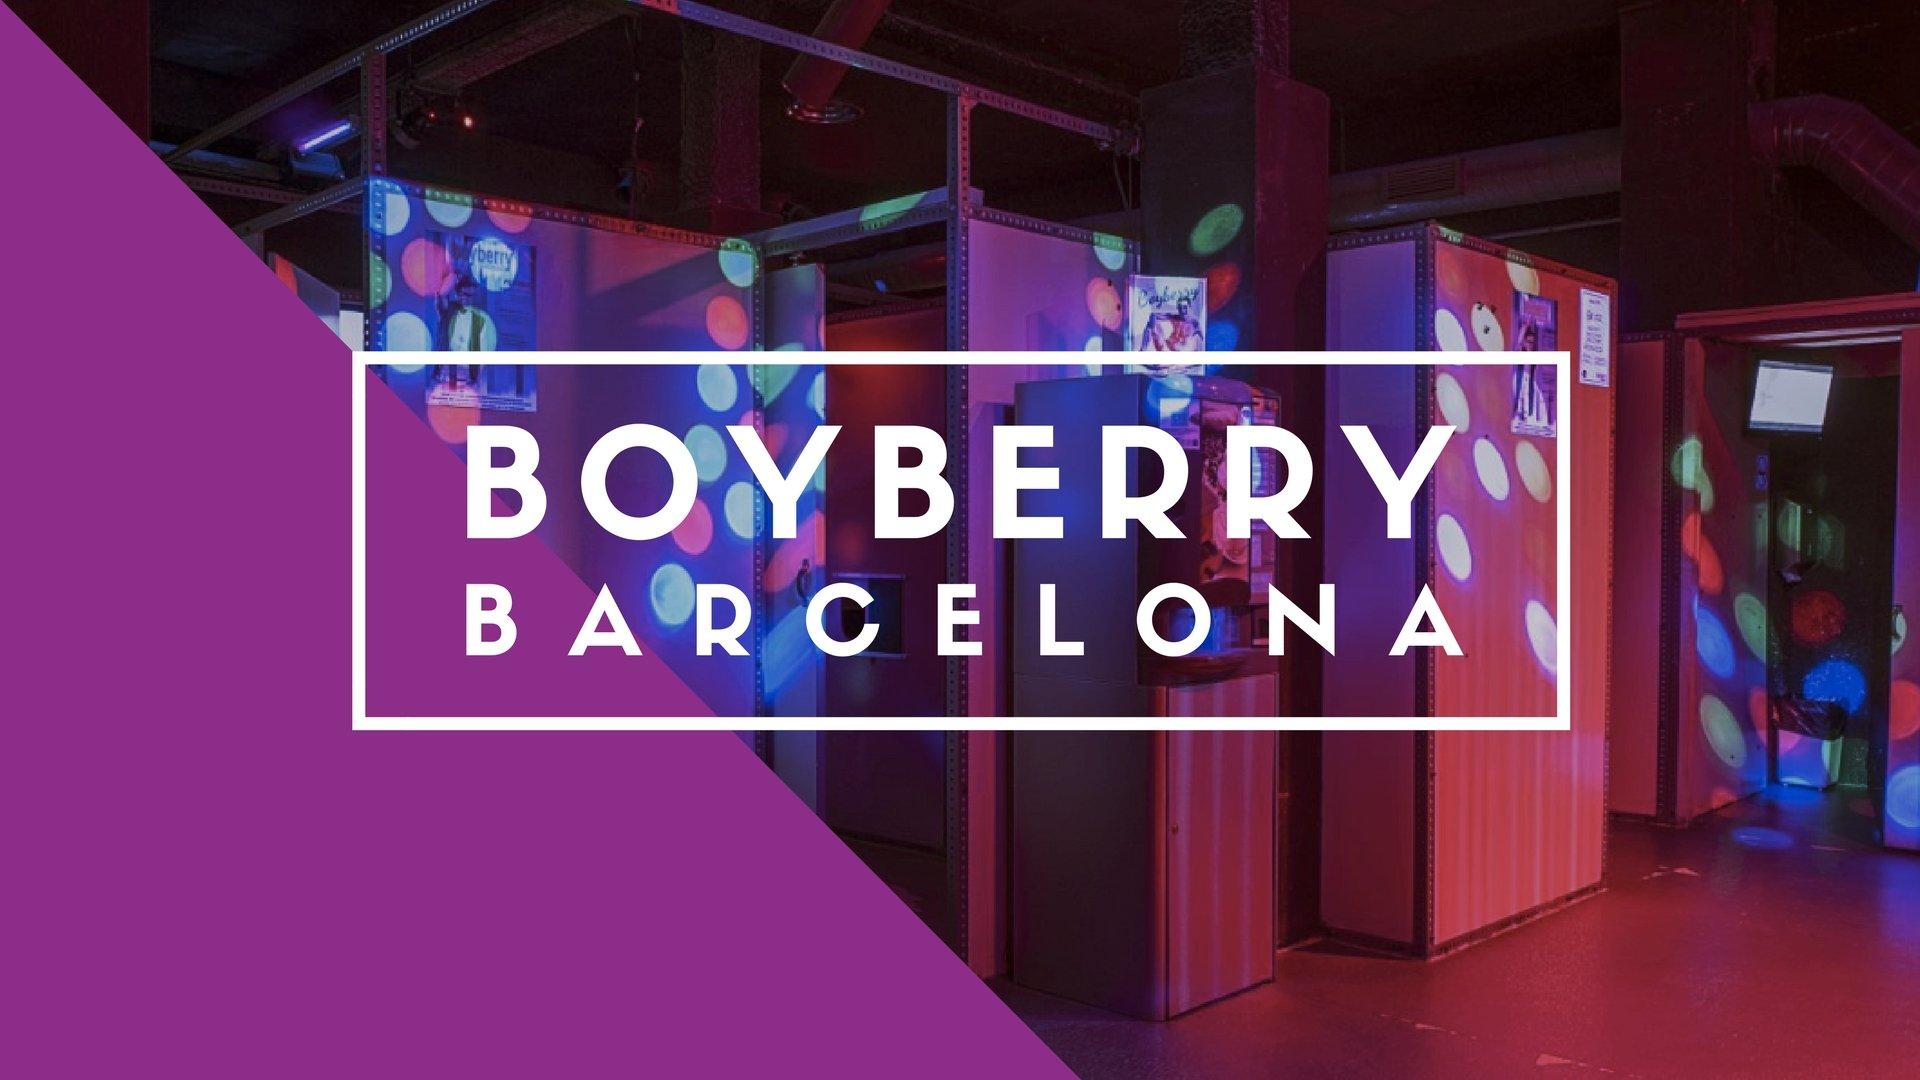 Boyberry, Barcelona